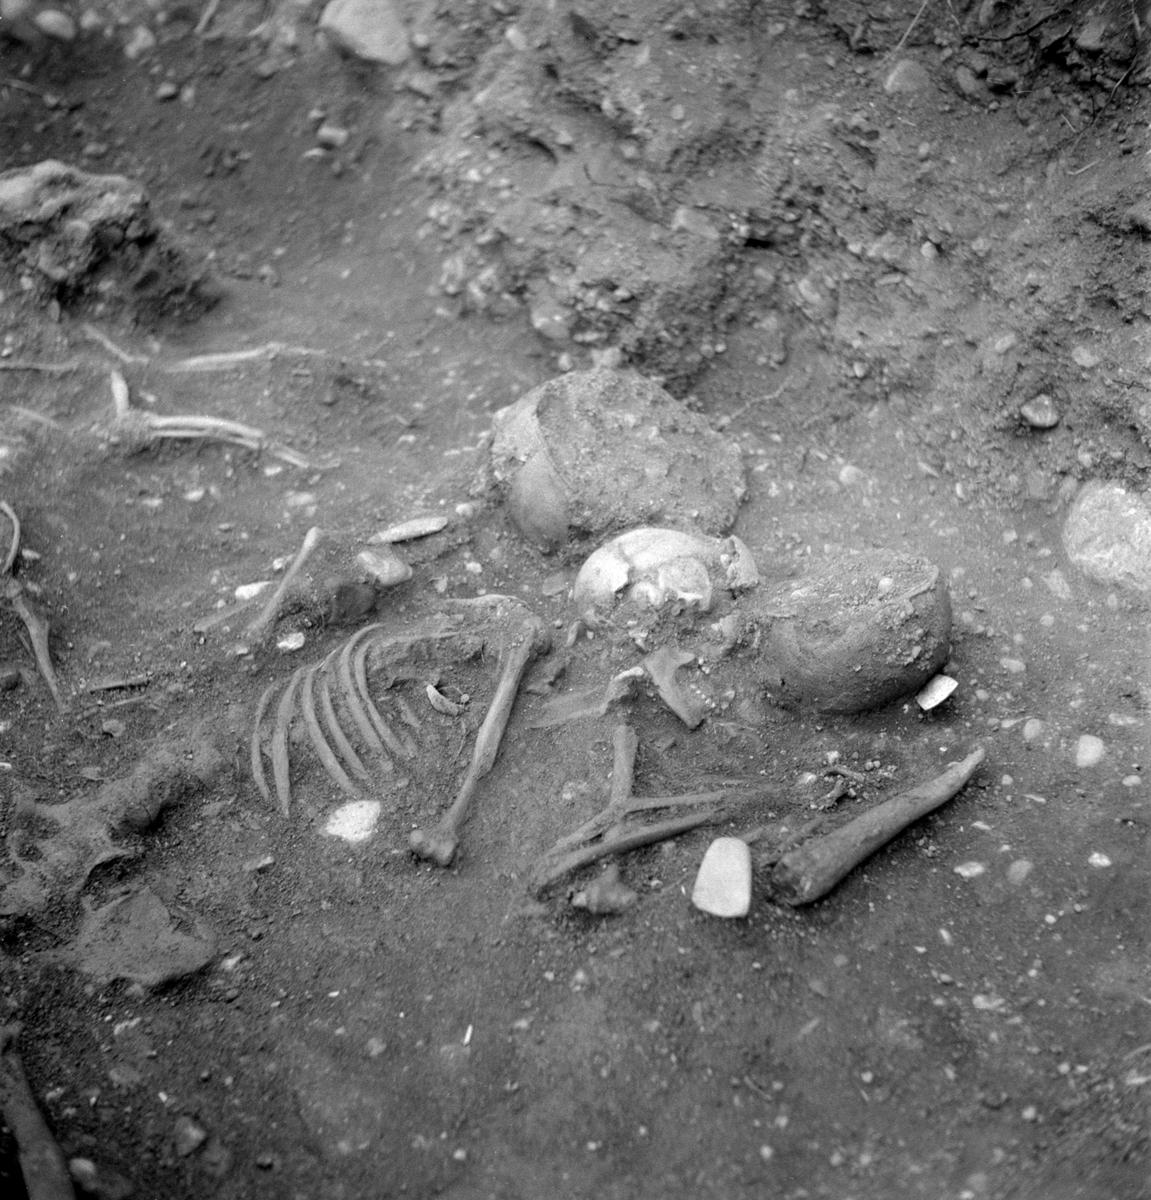 Hösten 1953 gjordes i samband med ombyggnad av vägen mellan Linköping och Vreta kloster, upptäckten av en omkring 4500 år gammal dubbelgrav . Undersökningen genomfördes längs perioden 16-28 november under ytterst ogynnsamma väderleksförhållande med stark kyla, men kunde slutföras väl med stöd av vägentreprenörens hjälpsamhet med anordningar för uppvärmning av arbetsplatsen. Bilden visar gravens kvinnliga skelett med hennes gravgåvor. Bakom kvinnan ses skelettet efter en hund. De små benen mellan tassarna skulle senare tolkas vara rester efter ett spädbarn. Gravens manliga skelett är utom bild.